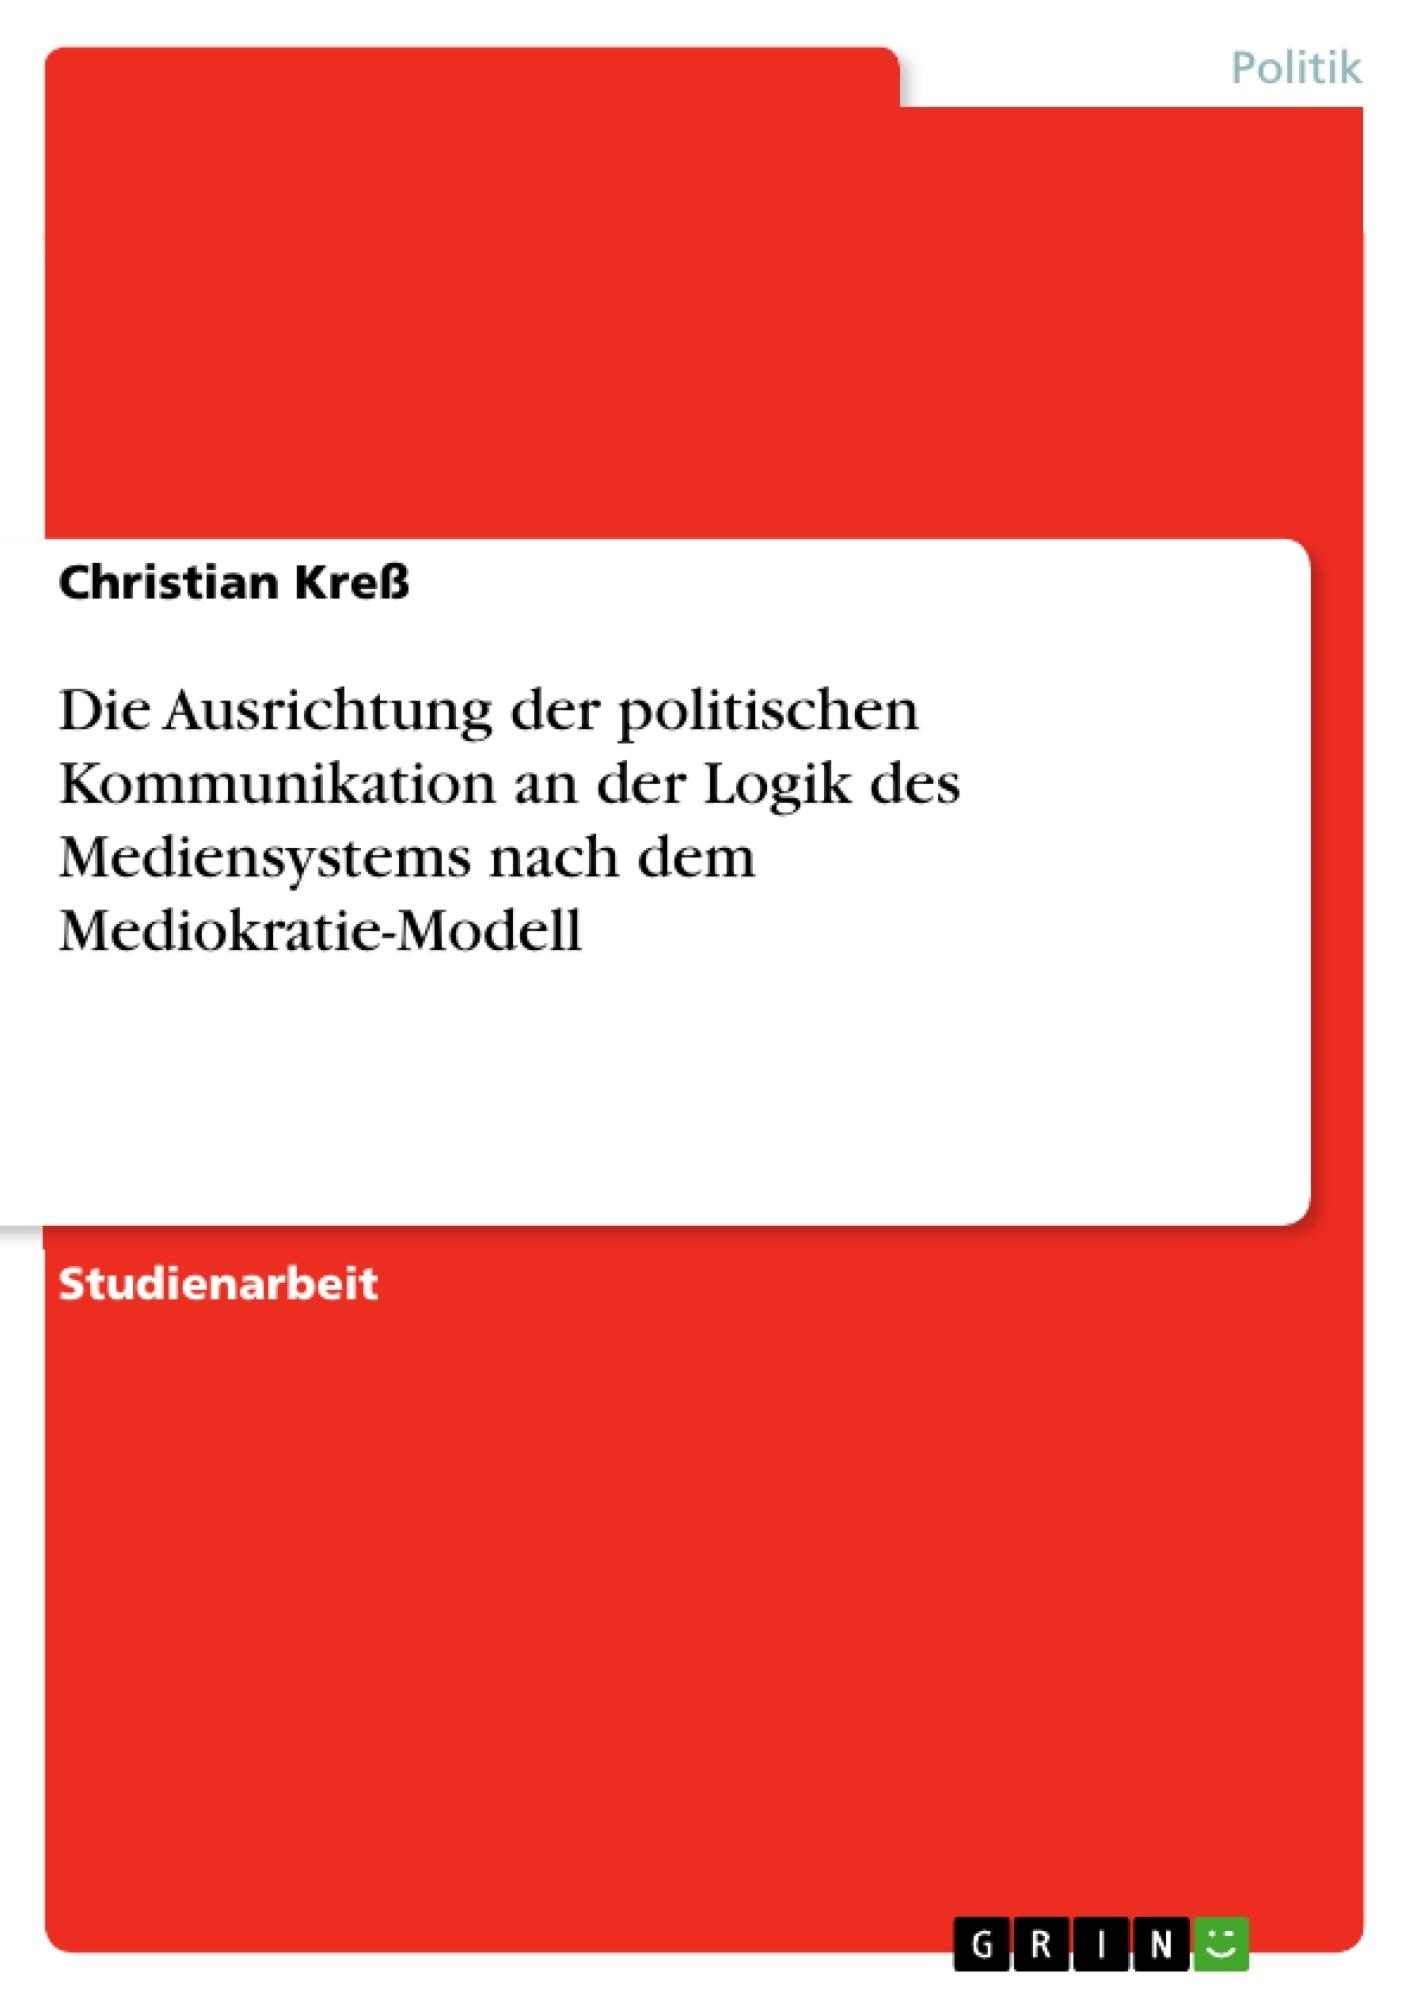 Titel: Die Ausrichtung der politischen Kommunikation an der Logik des Mediensystems nach dem Mediokratie-Modell